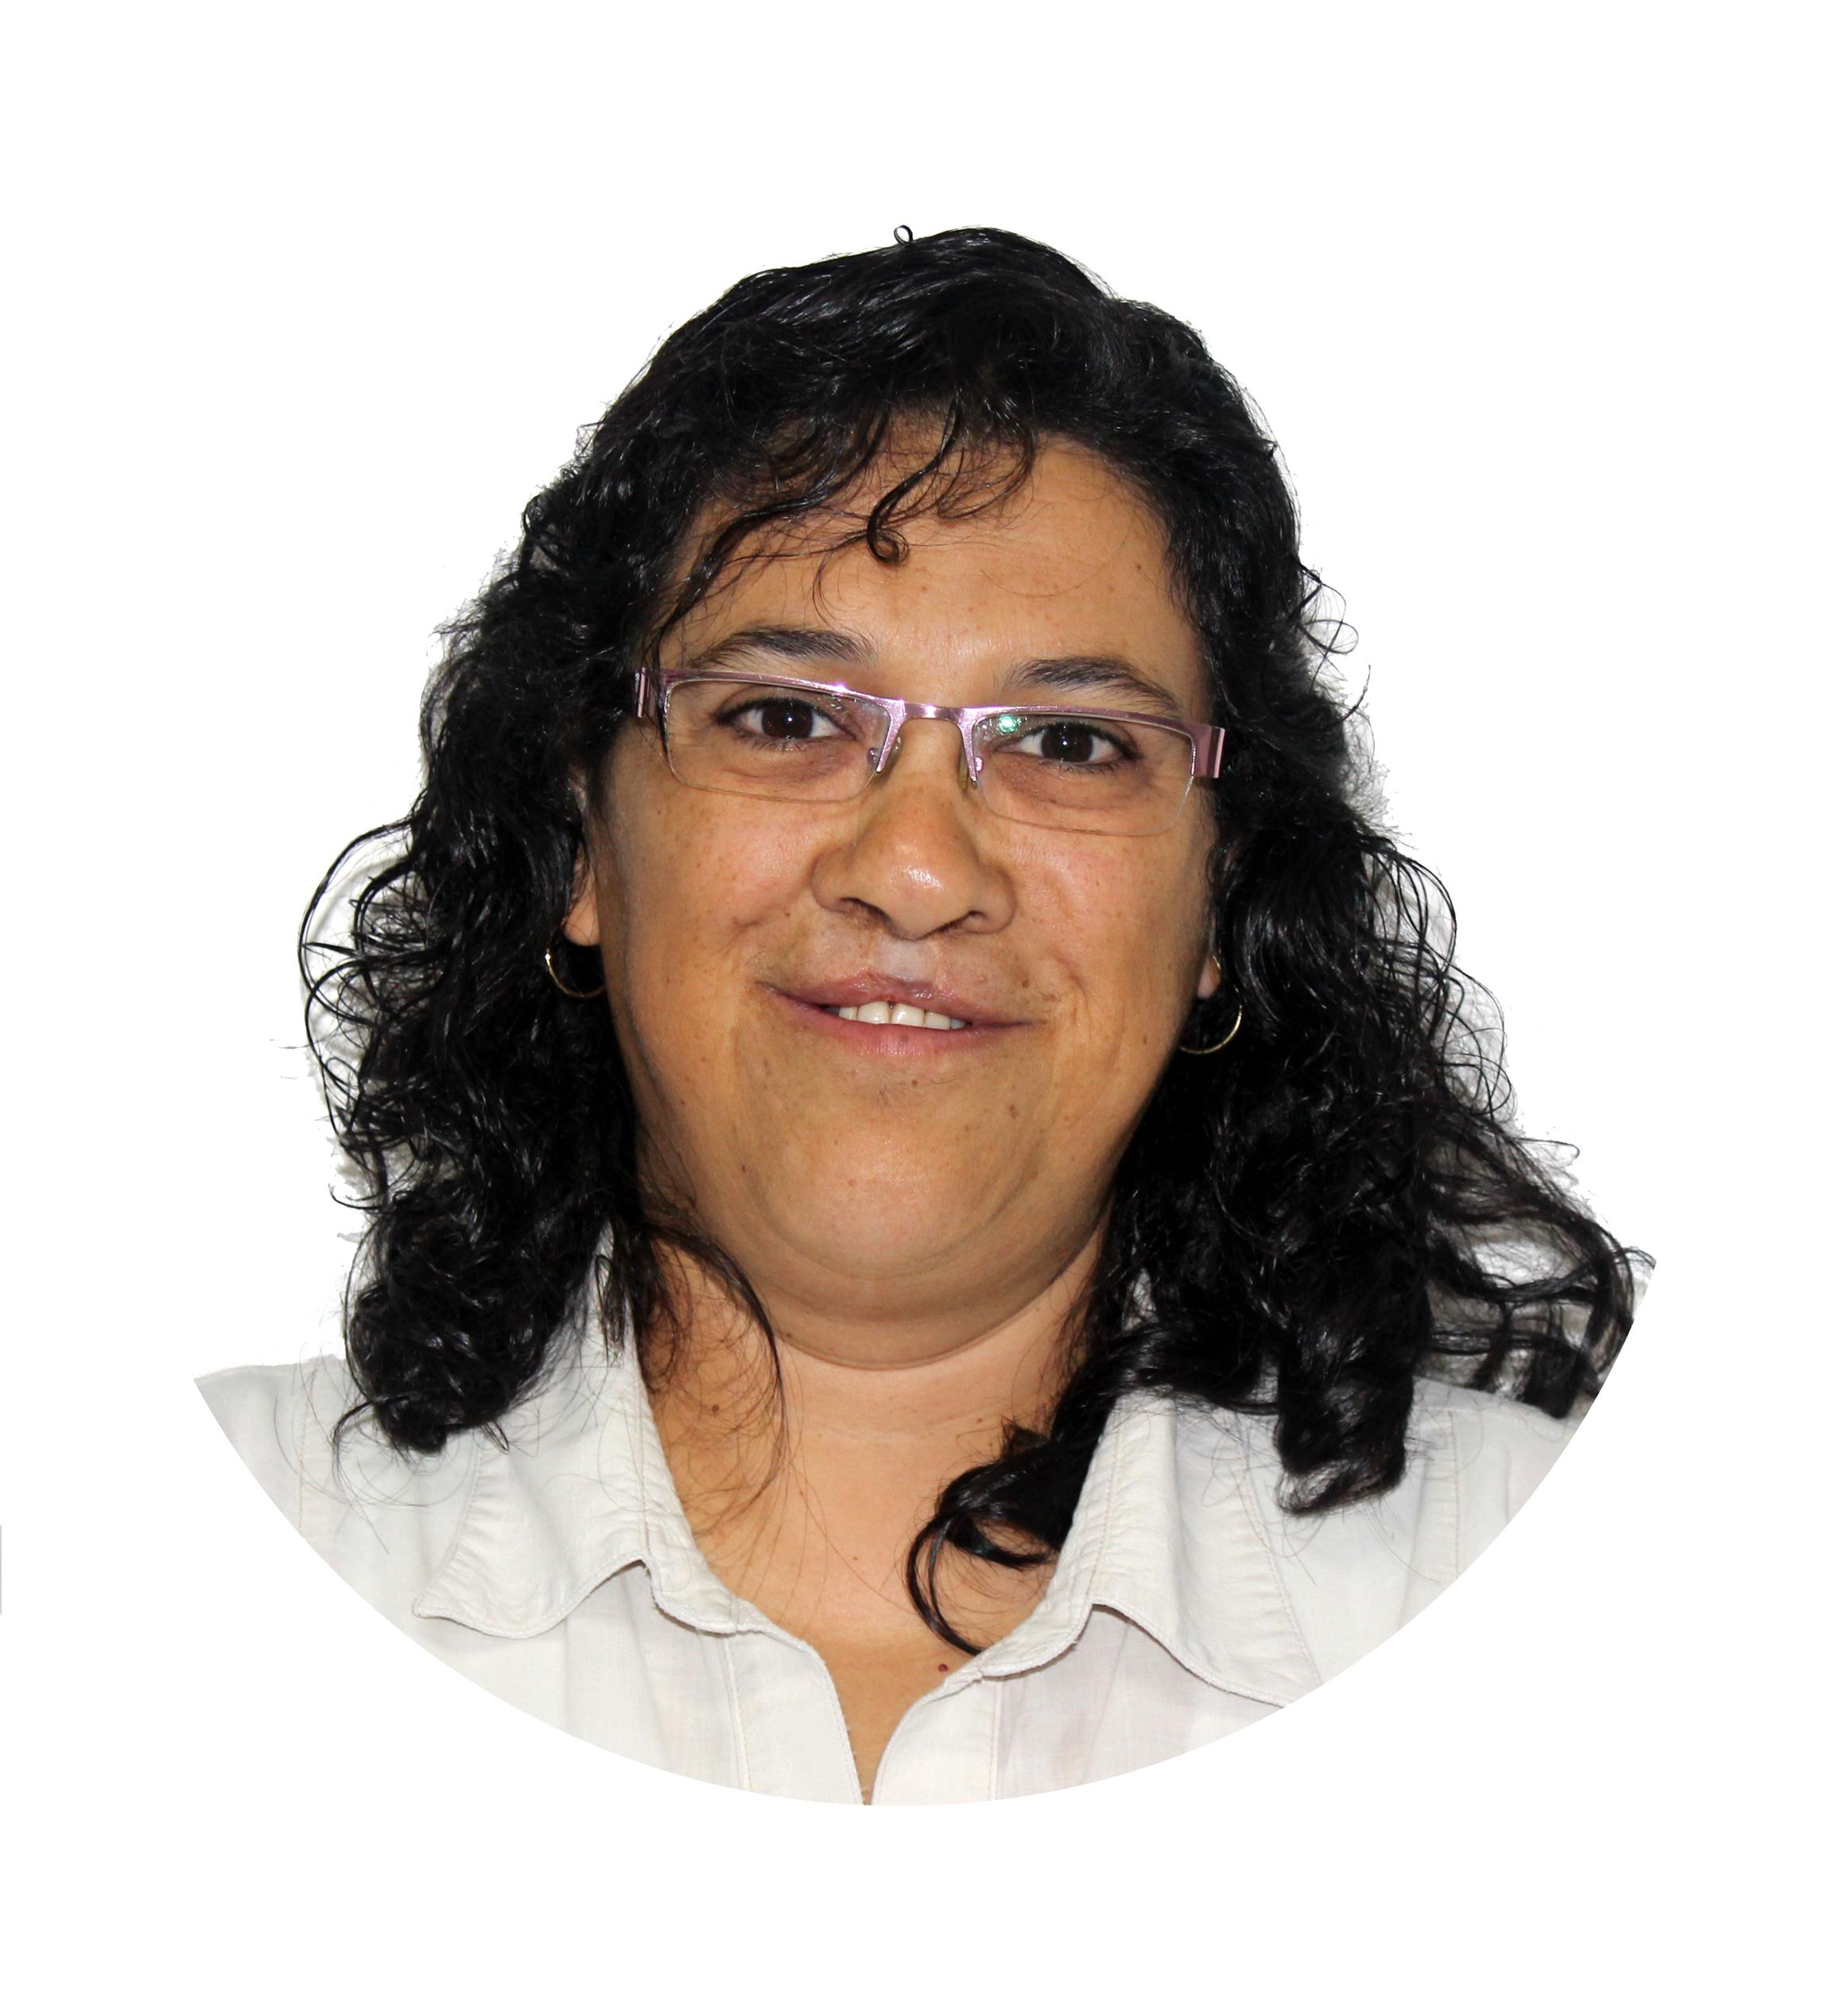 Carmen Espinosa Granados